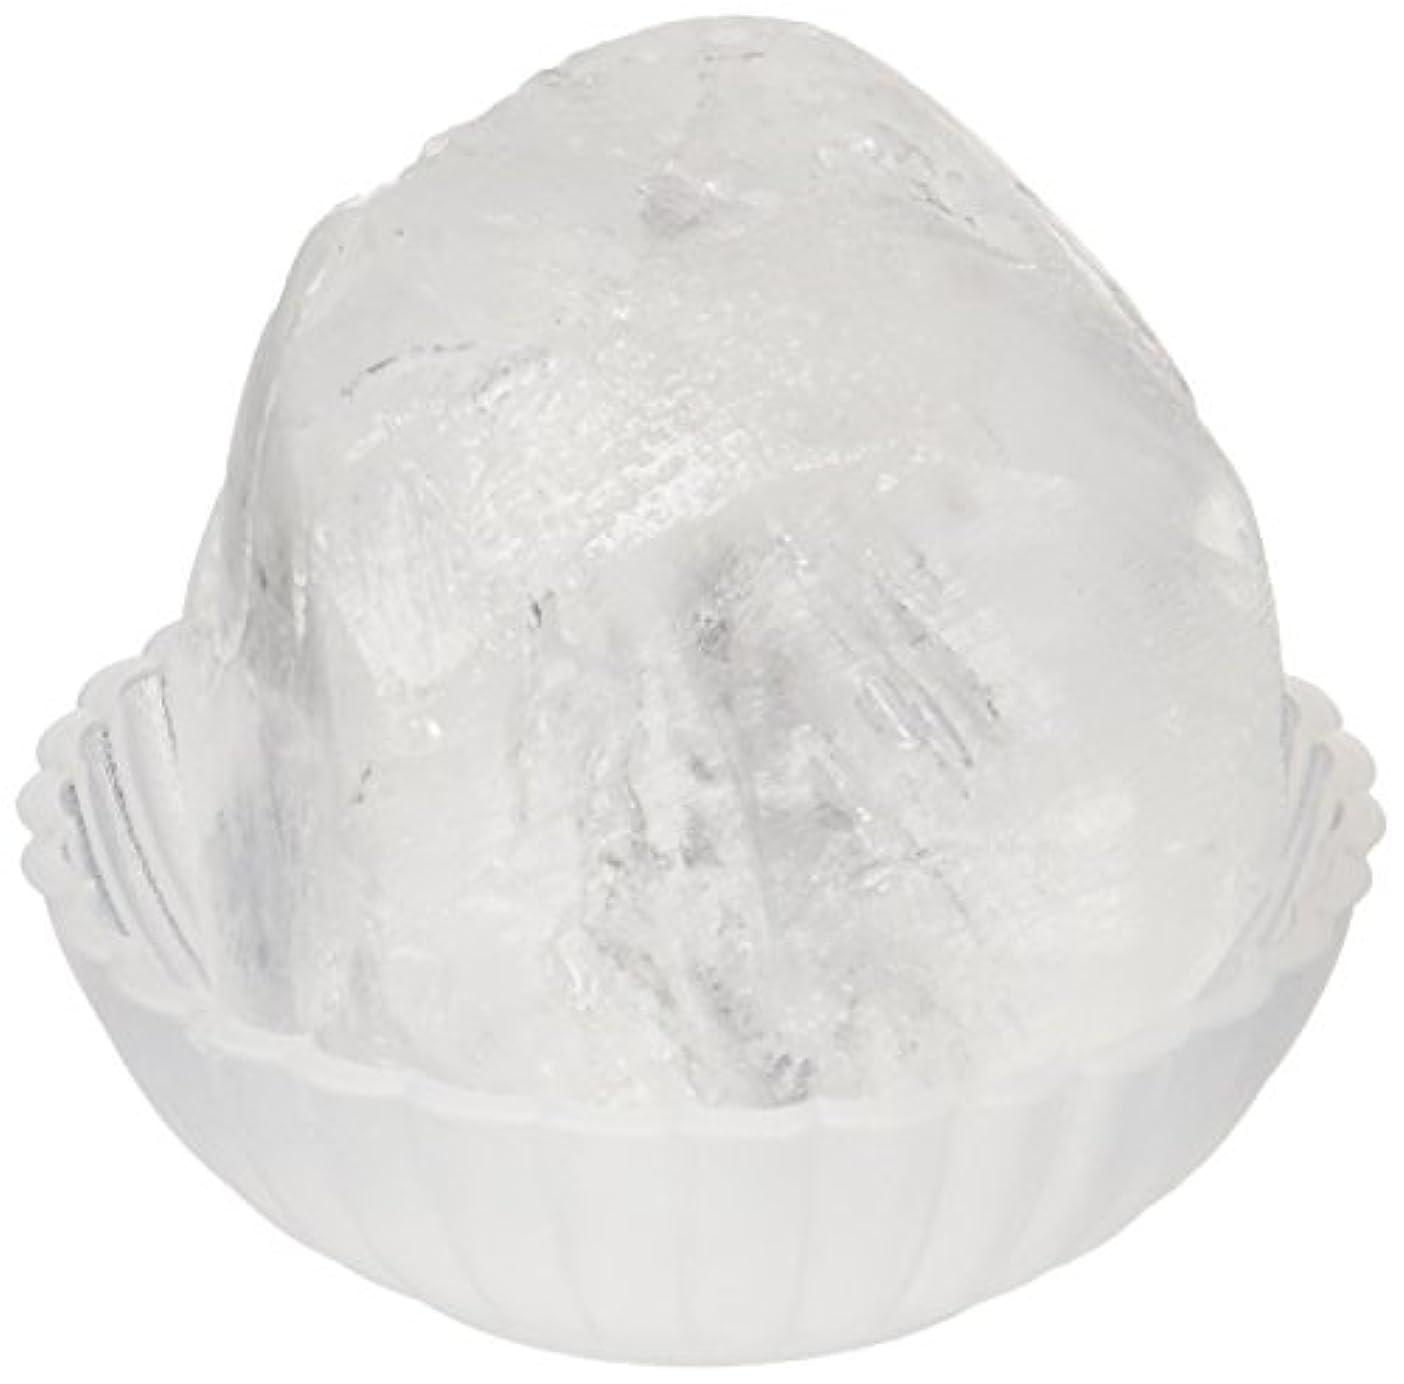 不良インターネット適用済みクリスタルボディデオドラント ボール タイプ お得サイズ140g - アルム石(みょうばん)のデオドラント